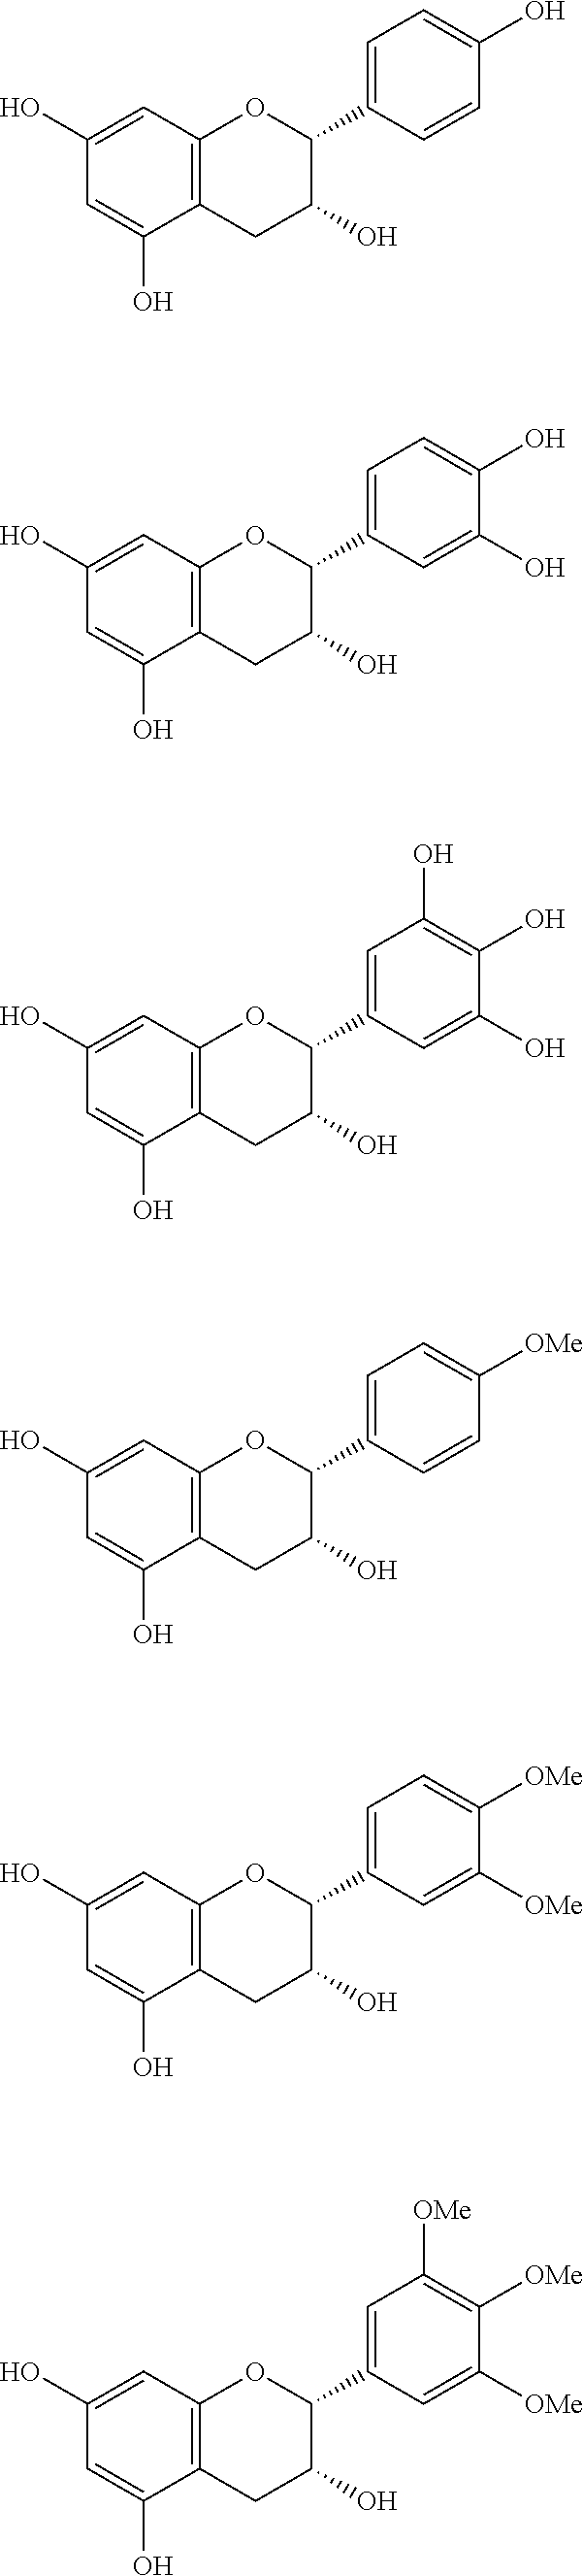 Figure US09962344-20180508-C00162